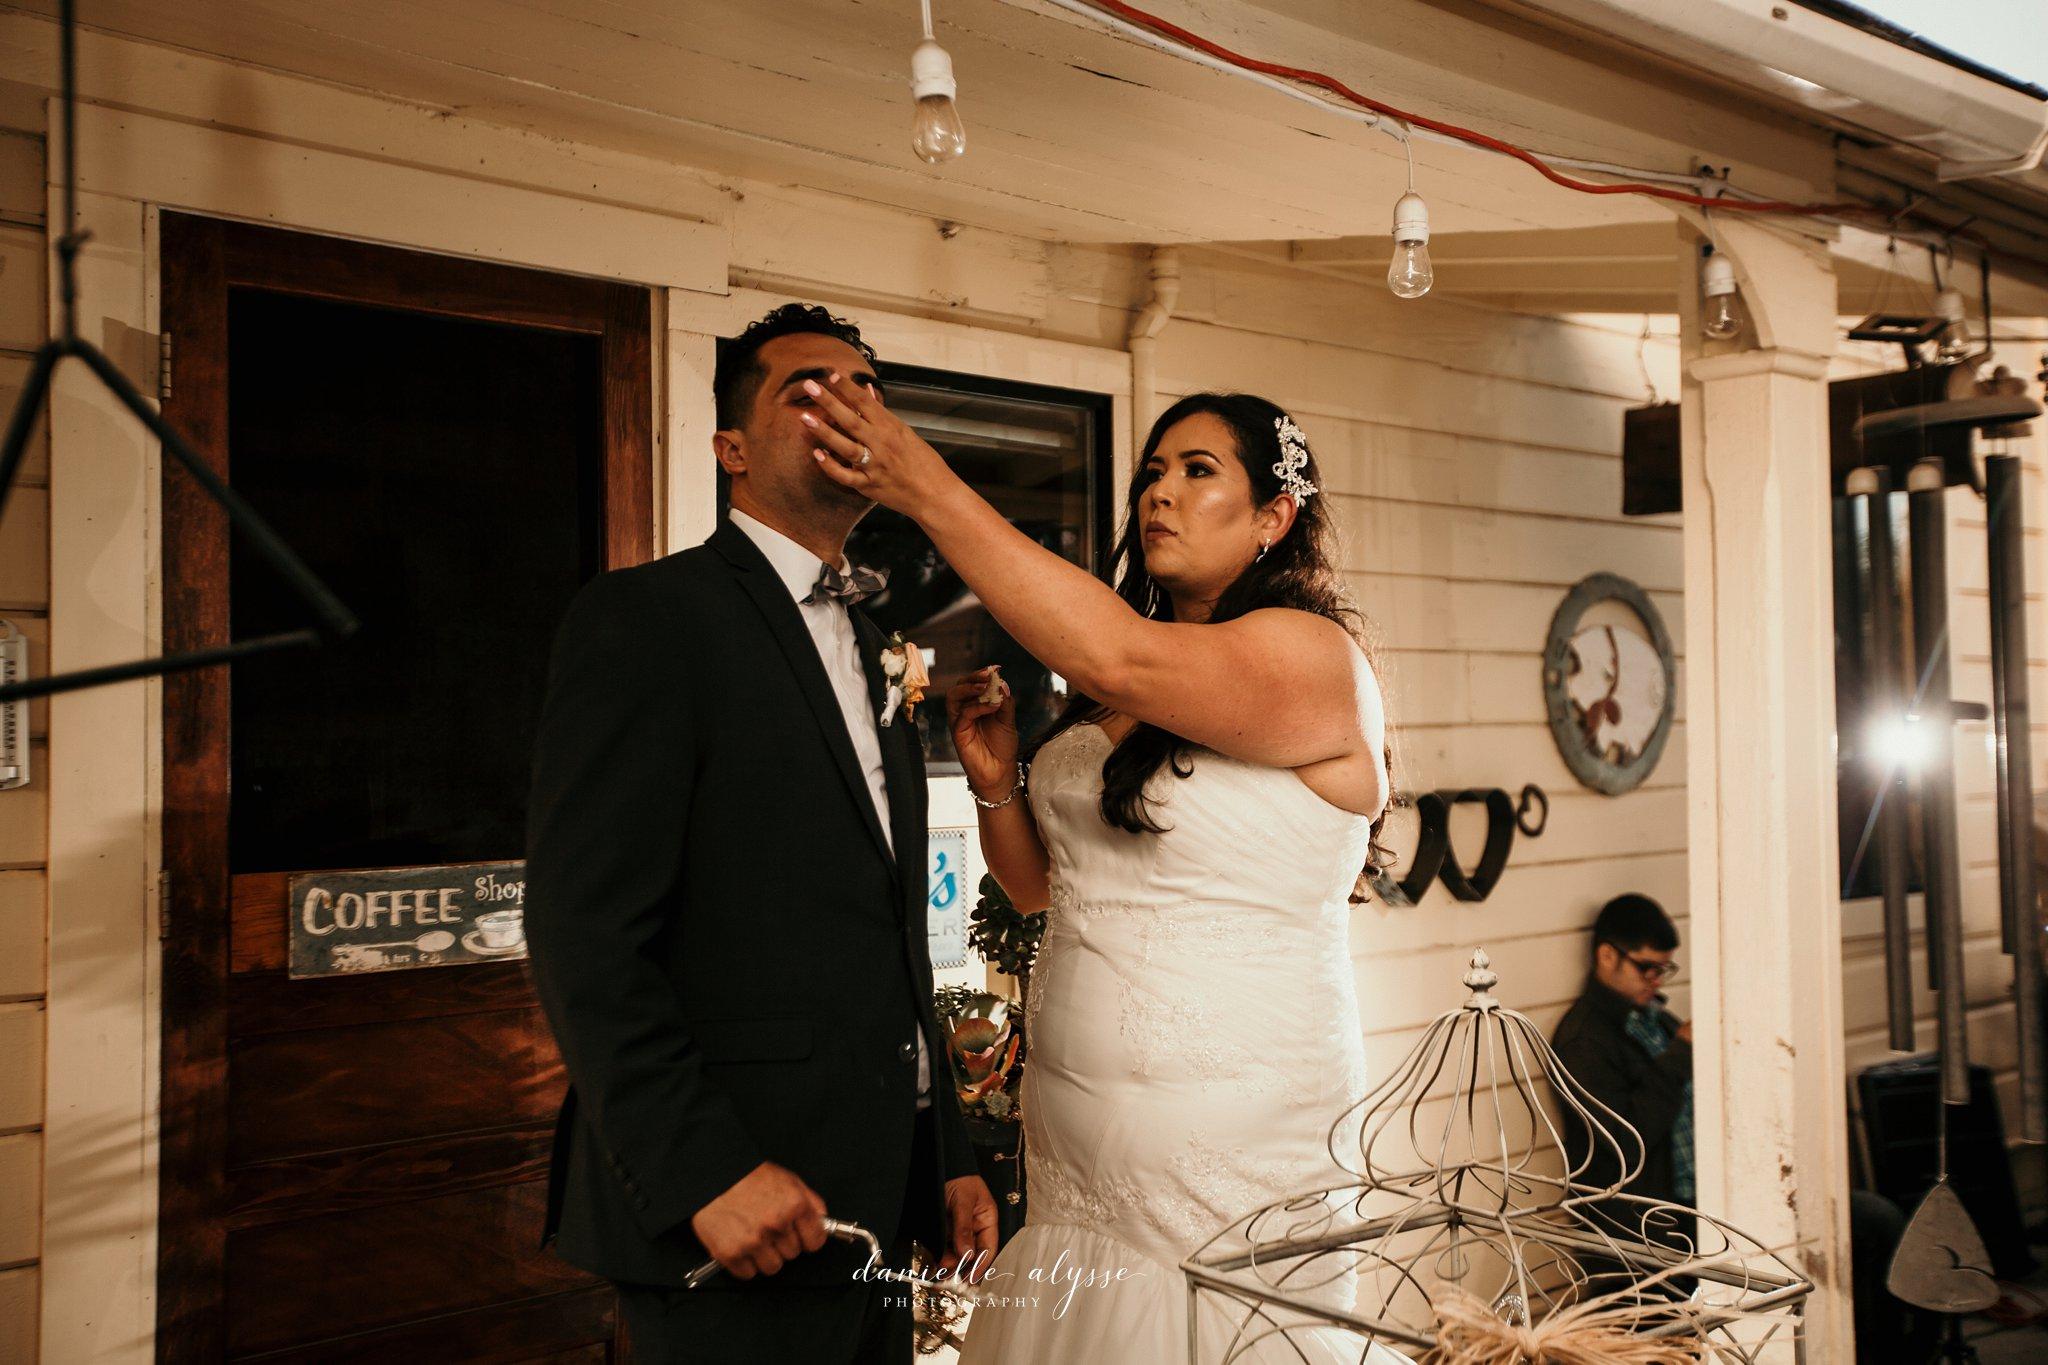 180630_wedding_lily_ryan_mission_soledad_california_danielle_alysse_photography_blog_1067_WEB.jpg